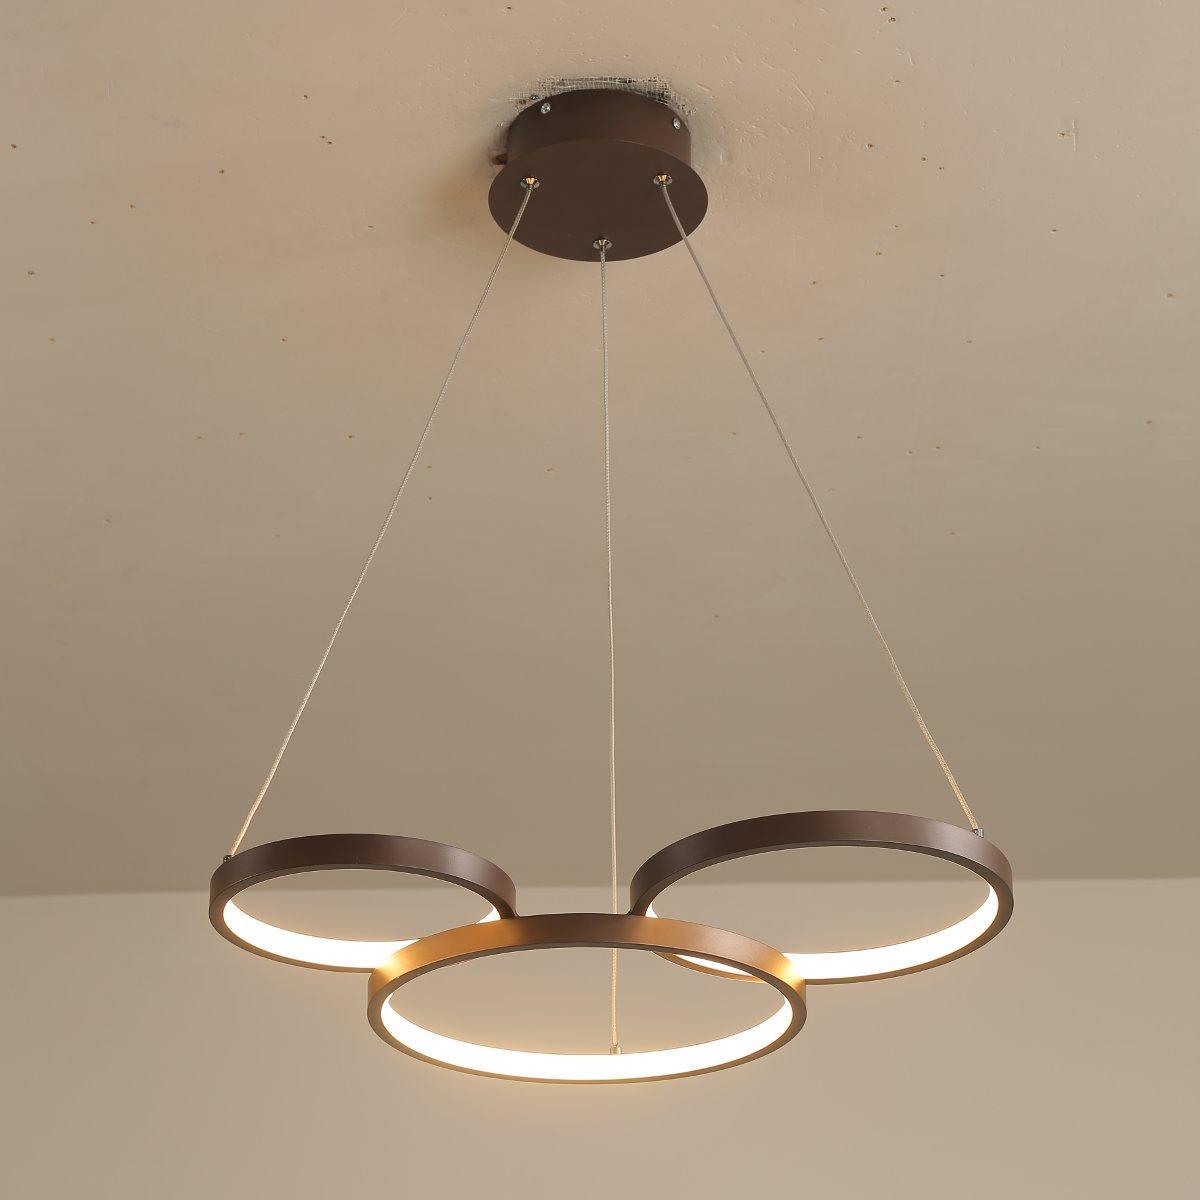 3 Ring Pvc Led Pendant Lamp Ceiling